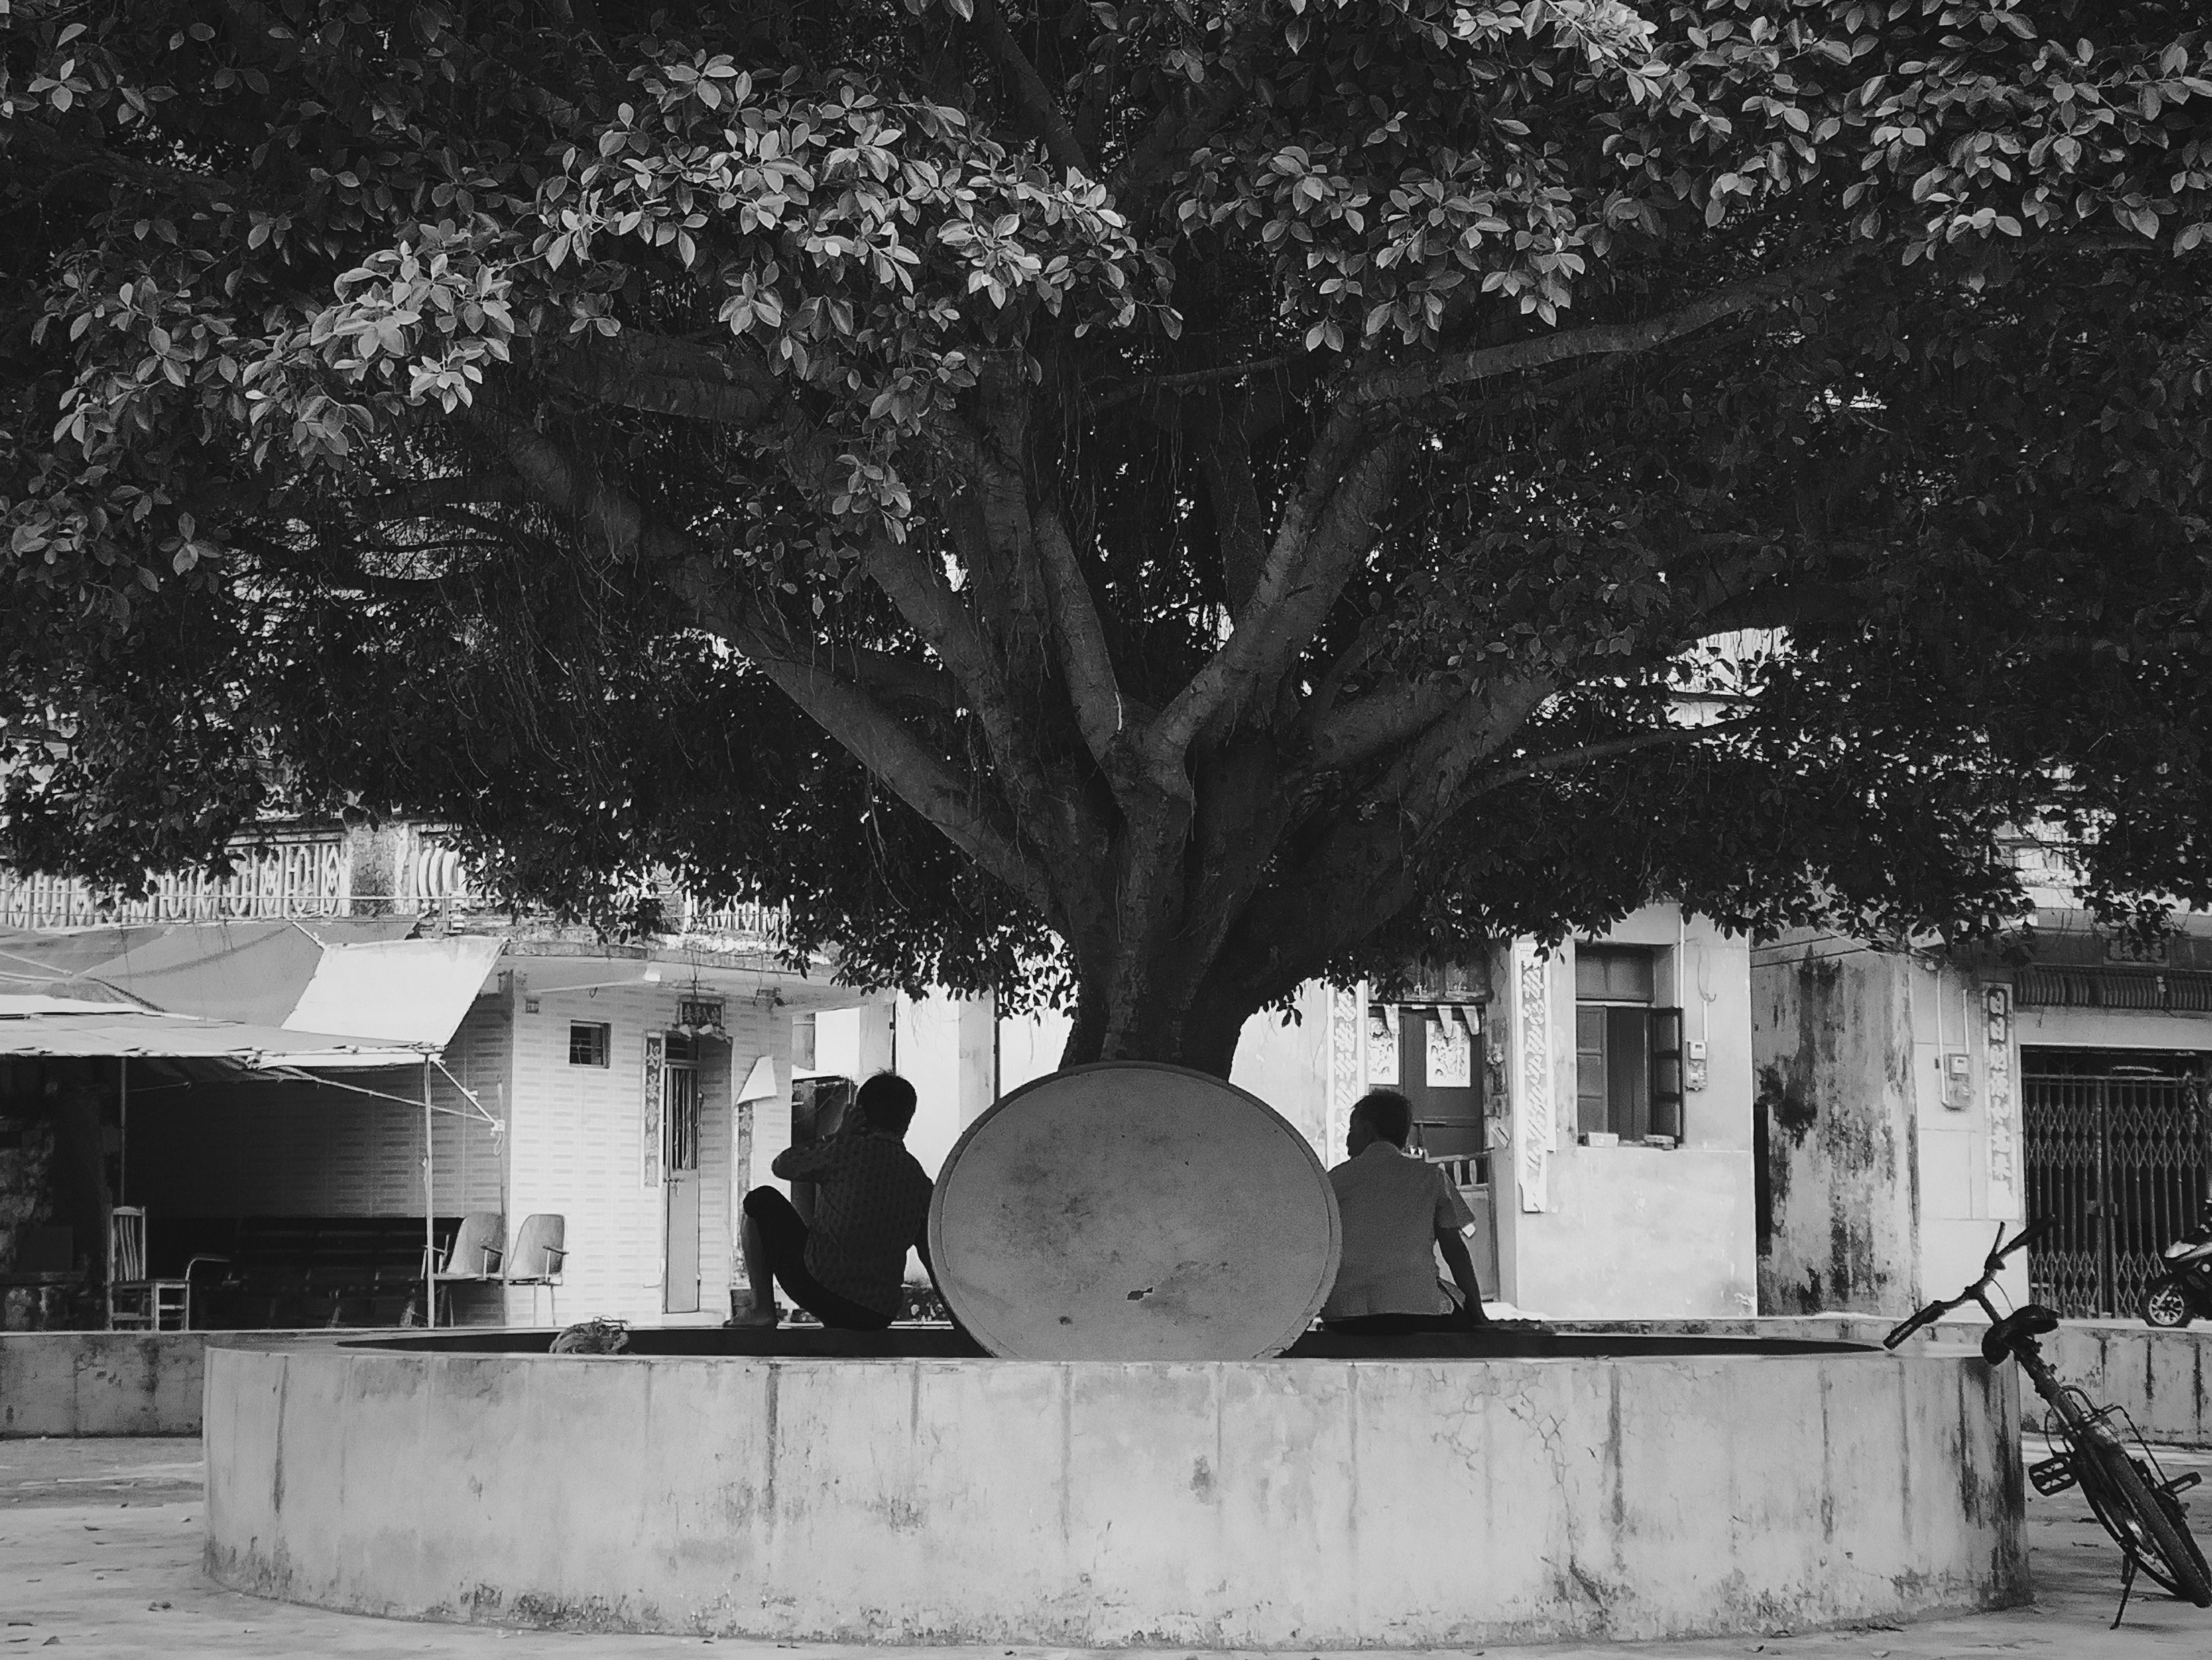 树下乘凉老人